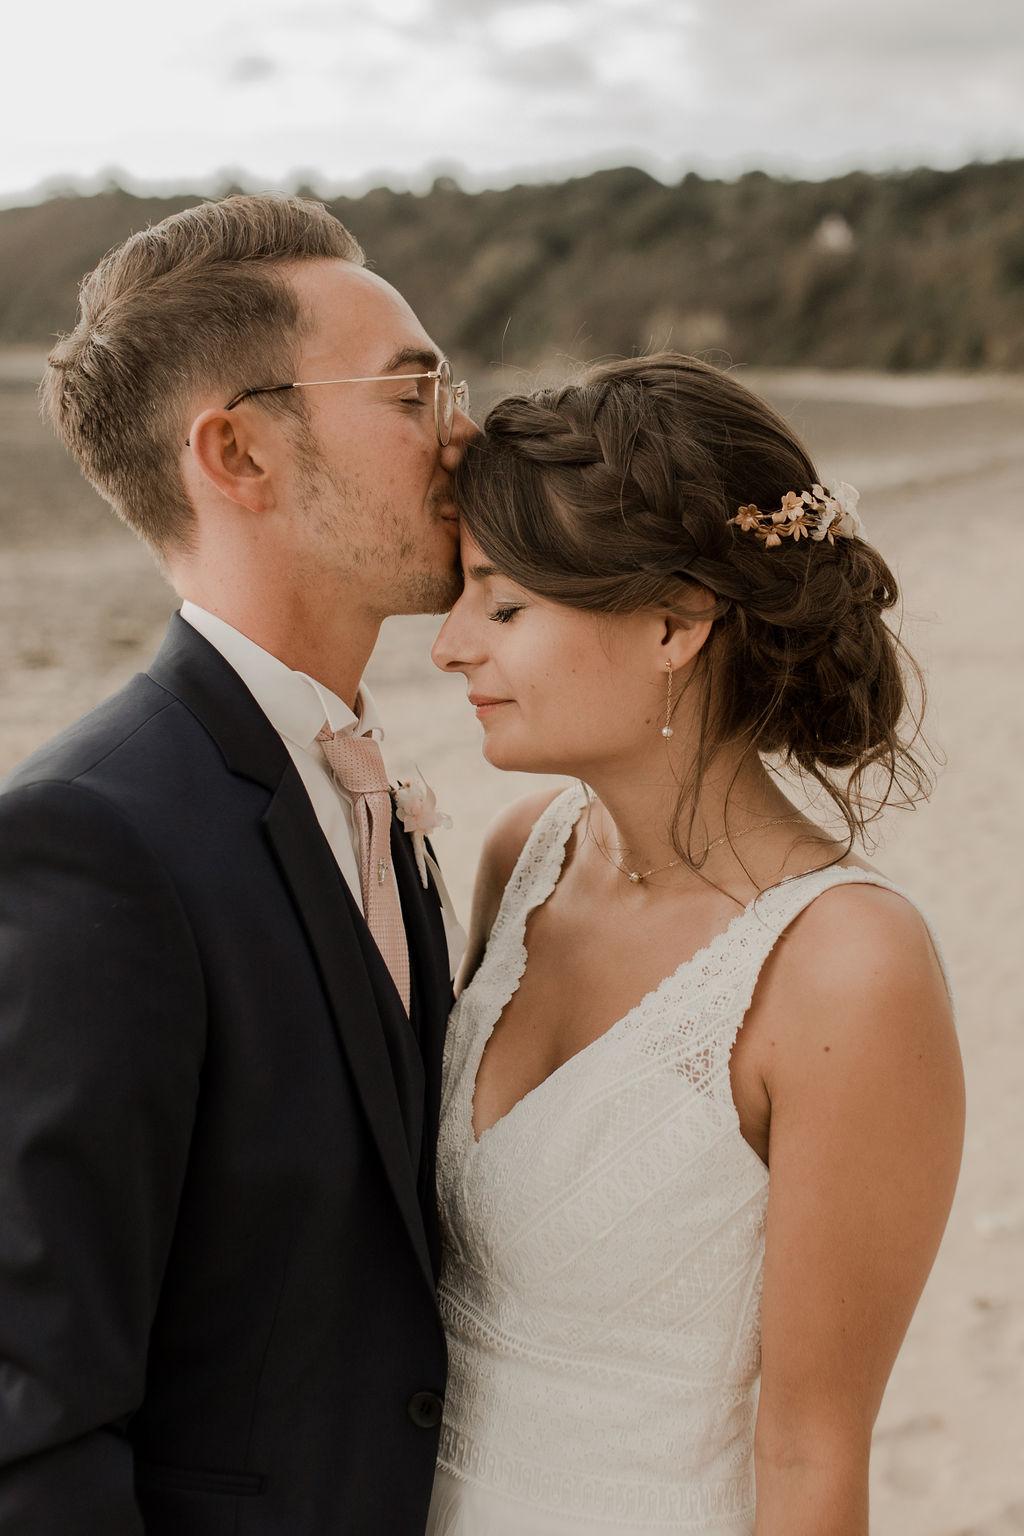 Mariage dans le sable